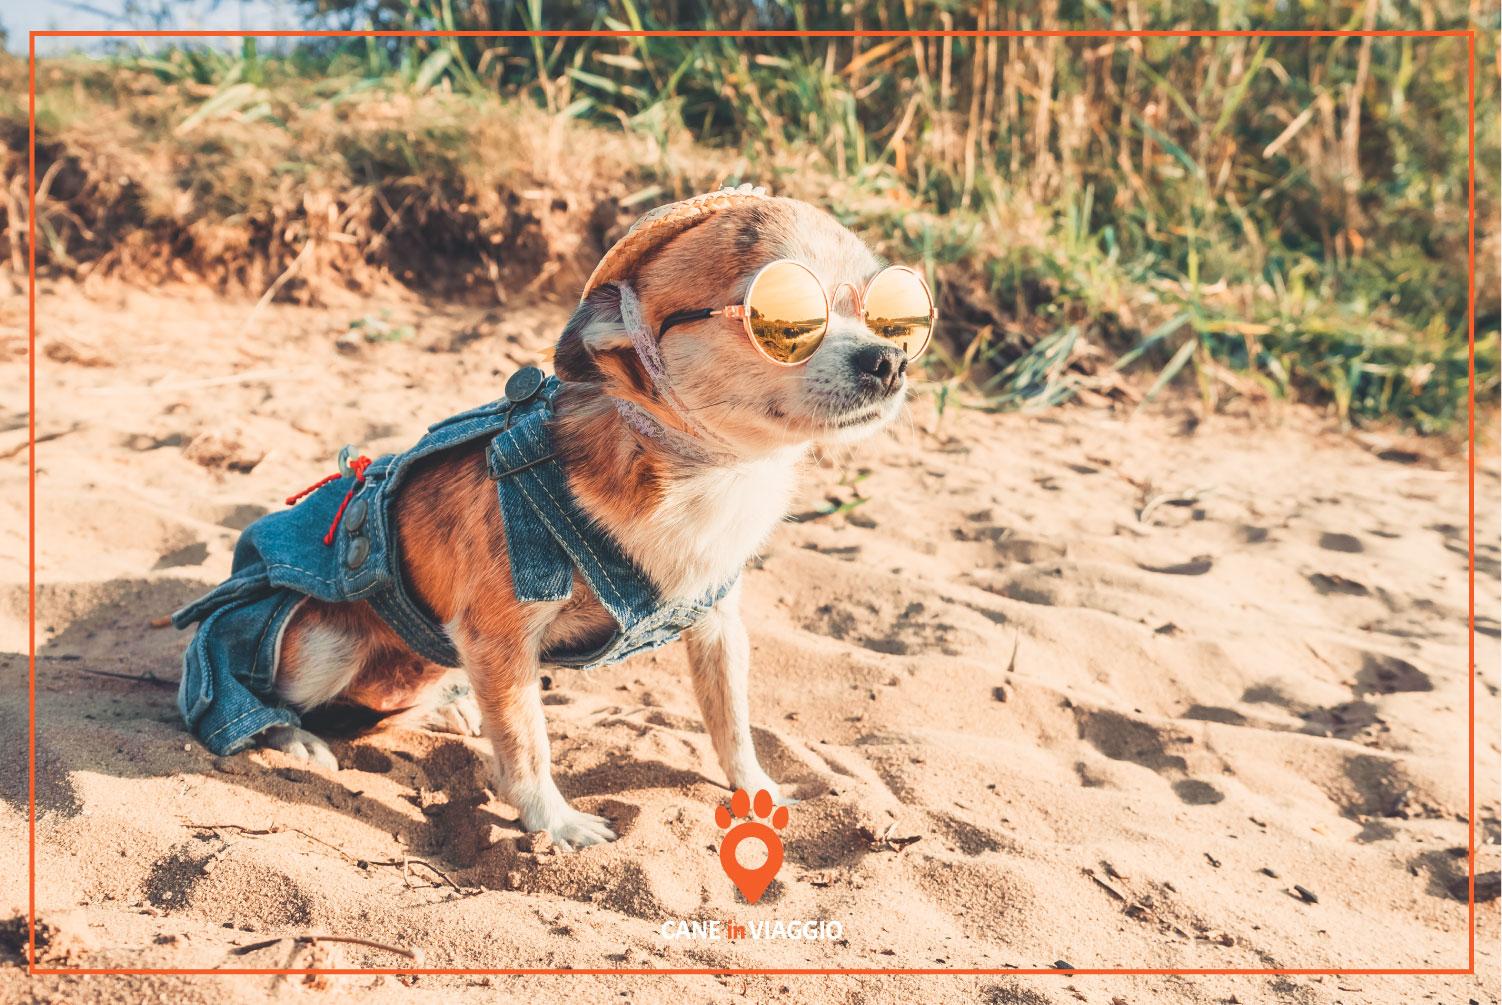 cane con occhiali da sole in riva ad una spiaggia